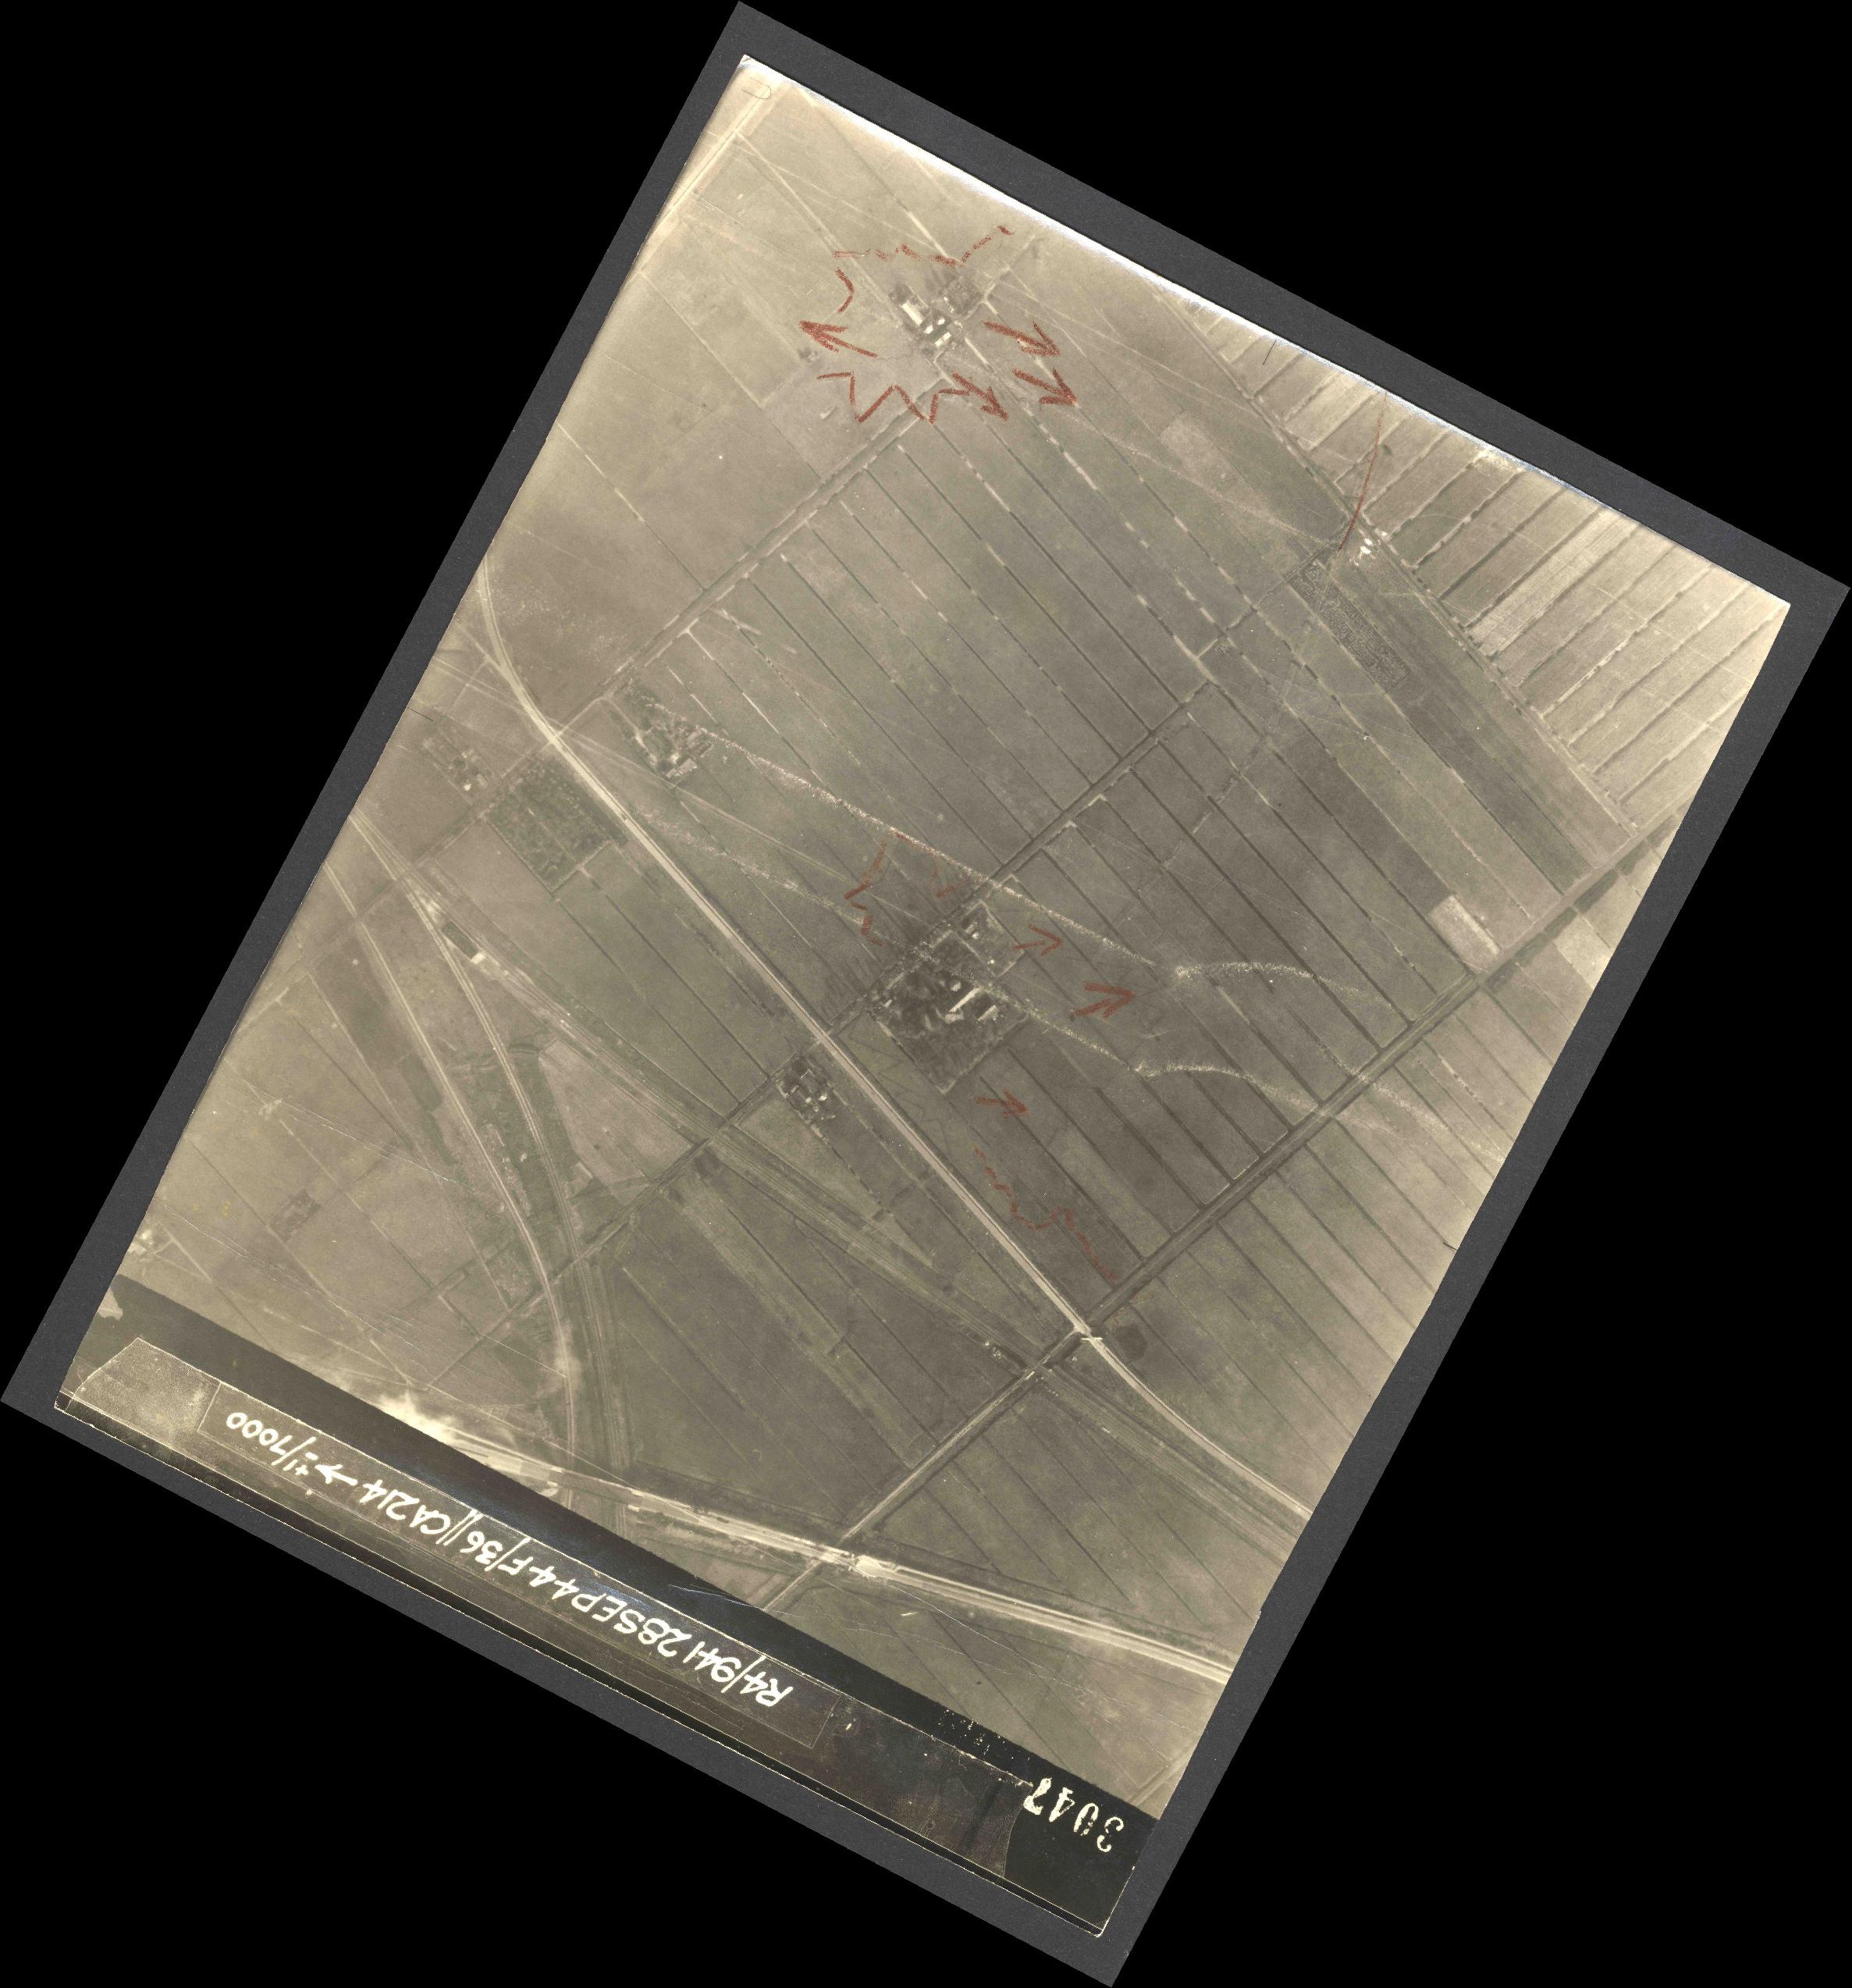 Collection RAF aerial photos 1940-1945 - flight 067, run 09, photo 4047